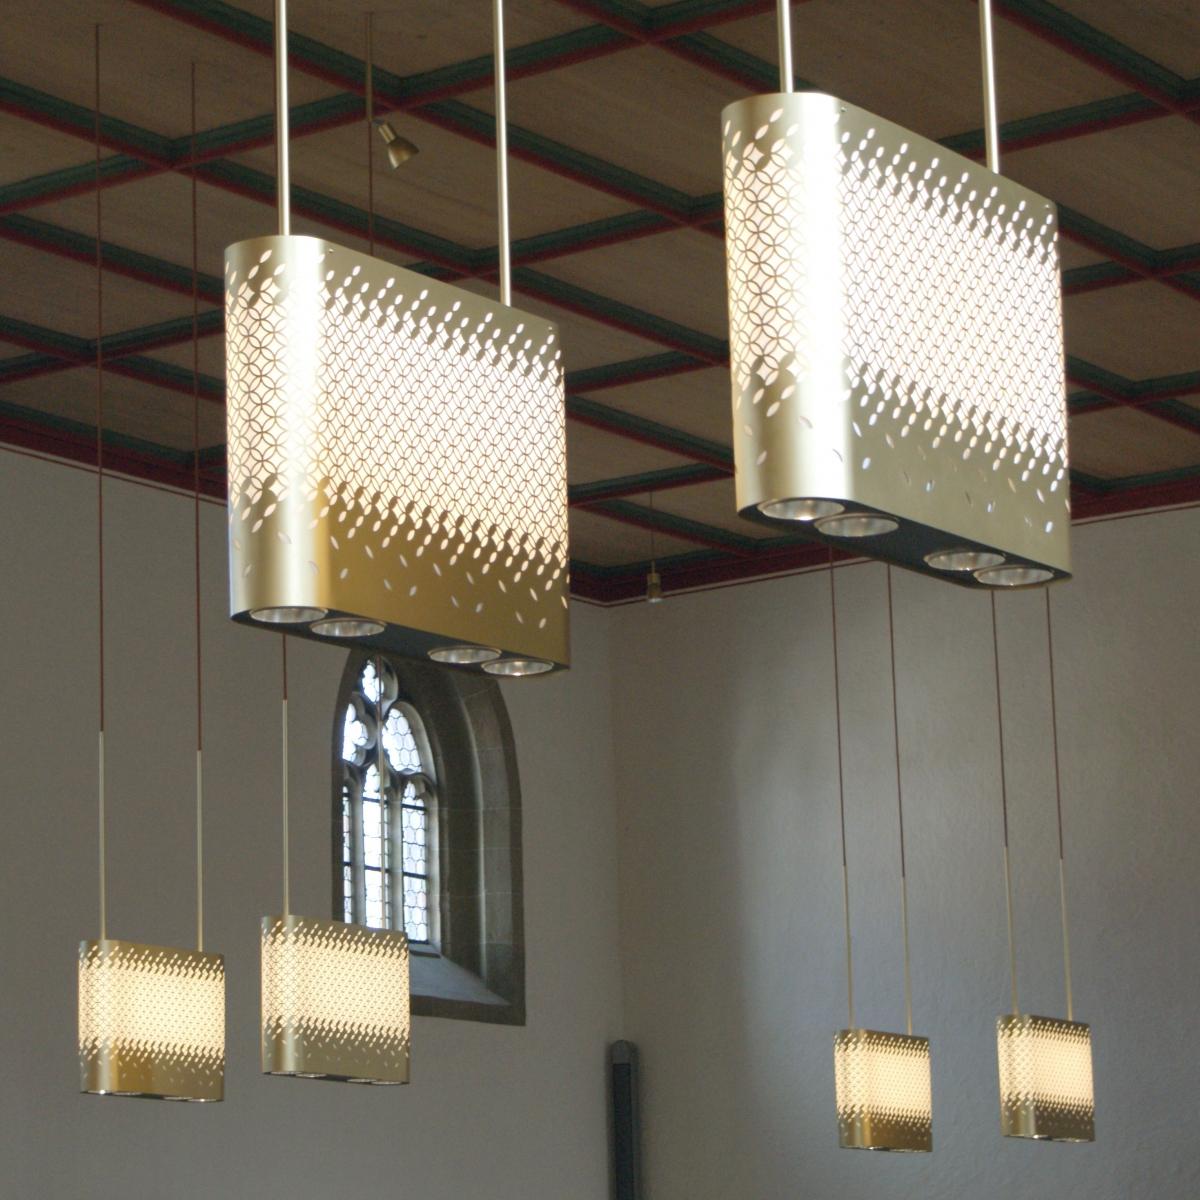 Stadtkirche Schorndorf - energieeffiziente Beleuchtung einer großen Stadtkirche